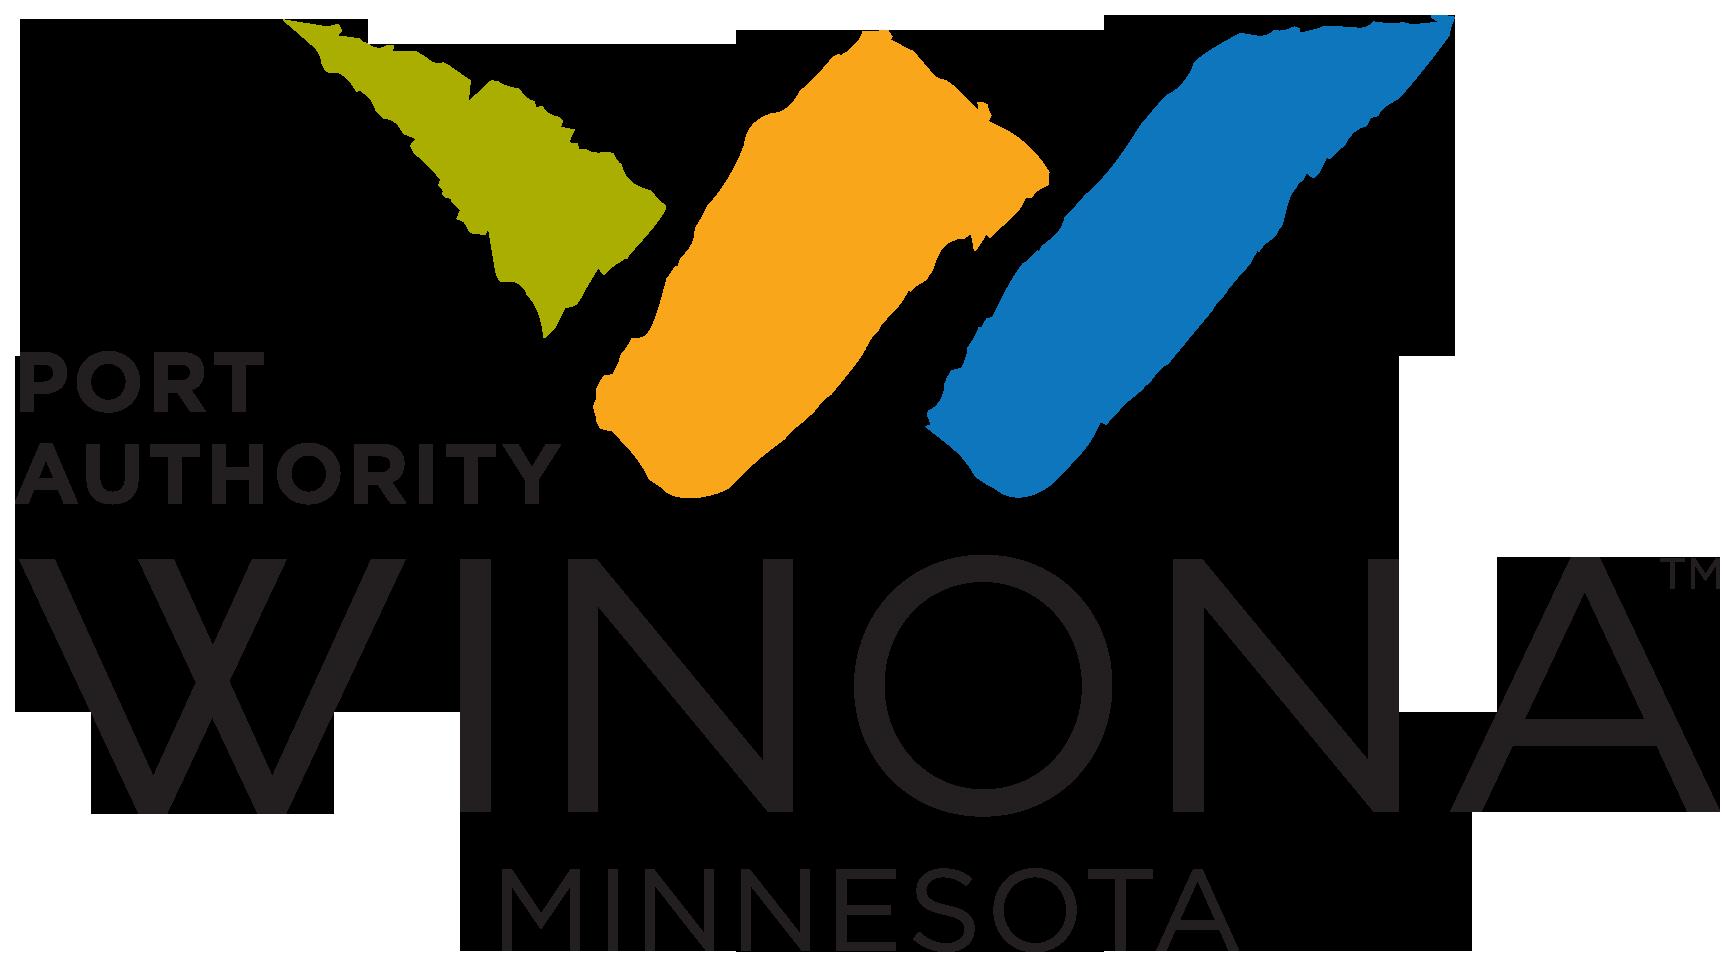 Portauthority Winona Mn Logo